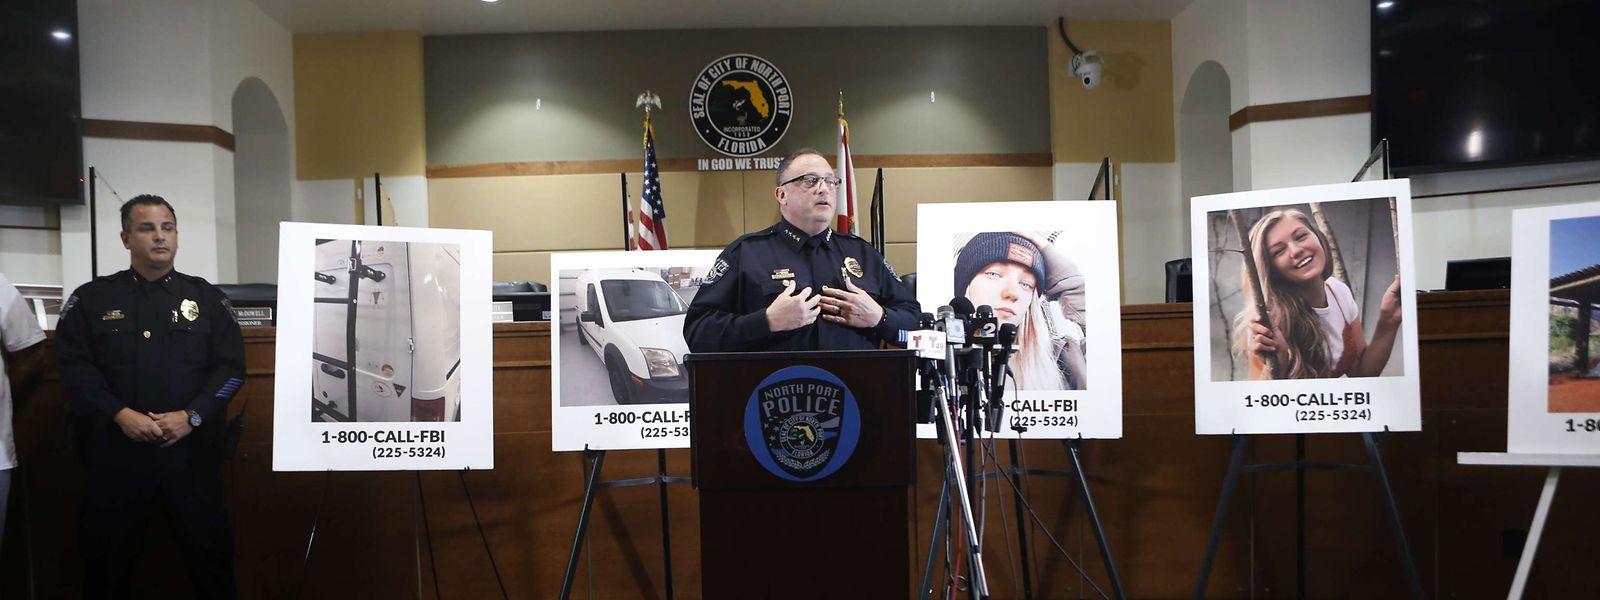 Der Polizeichef von North Port, Todd Garrison, bei einem Pressetermin zum Vemisstenfall Gabby Petito am 16. September.